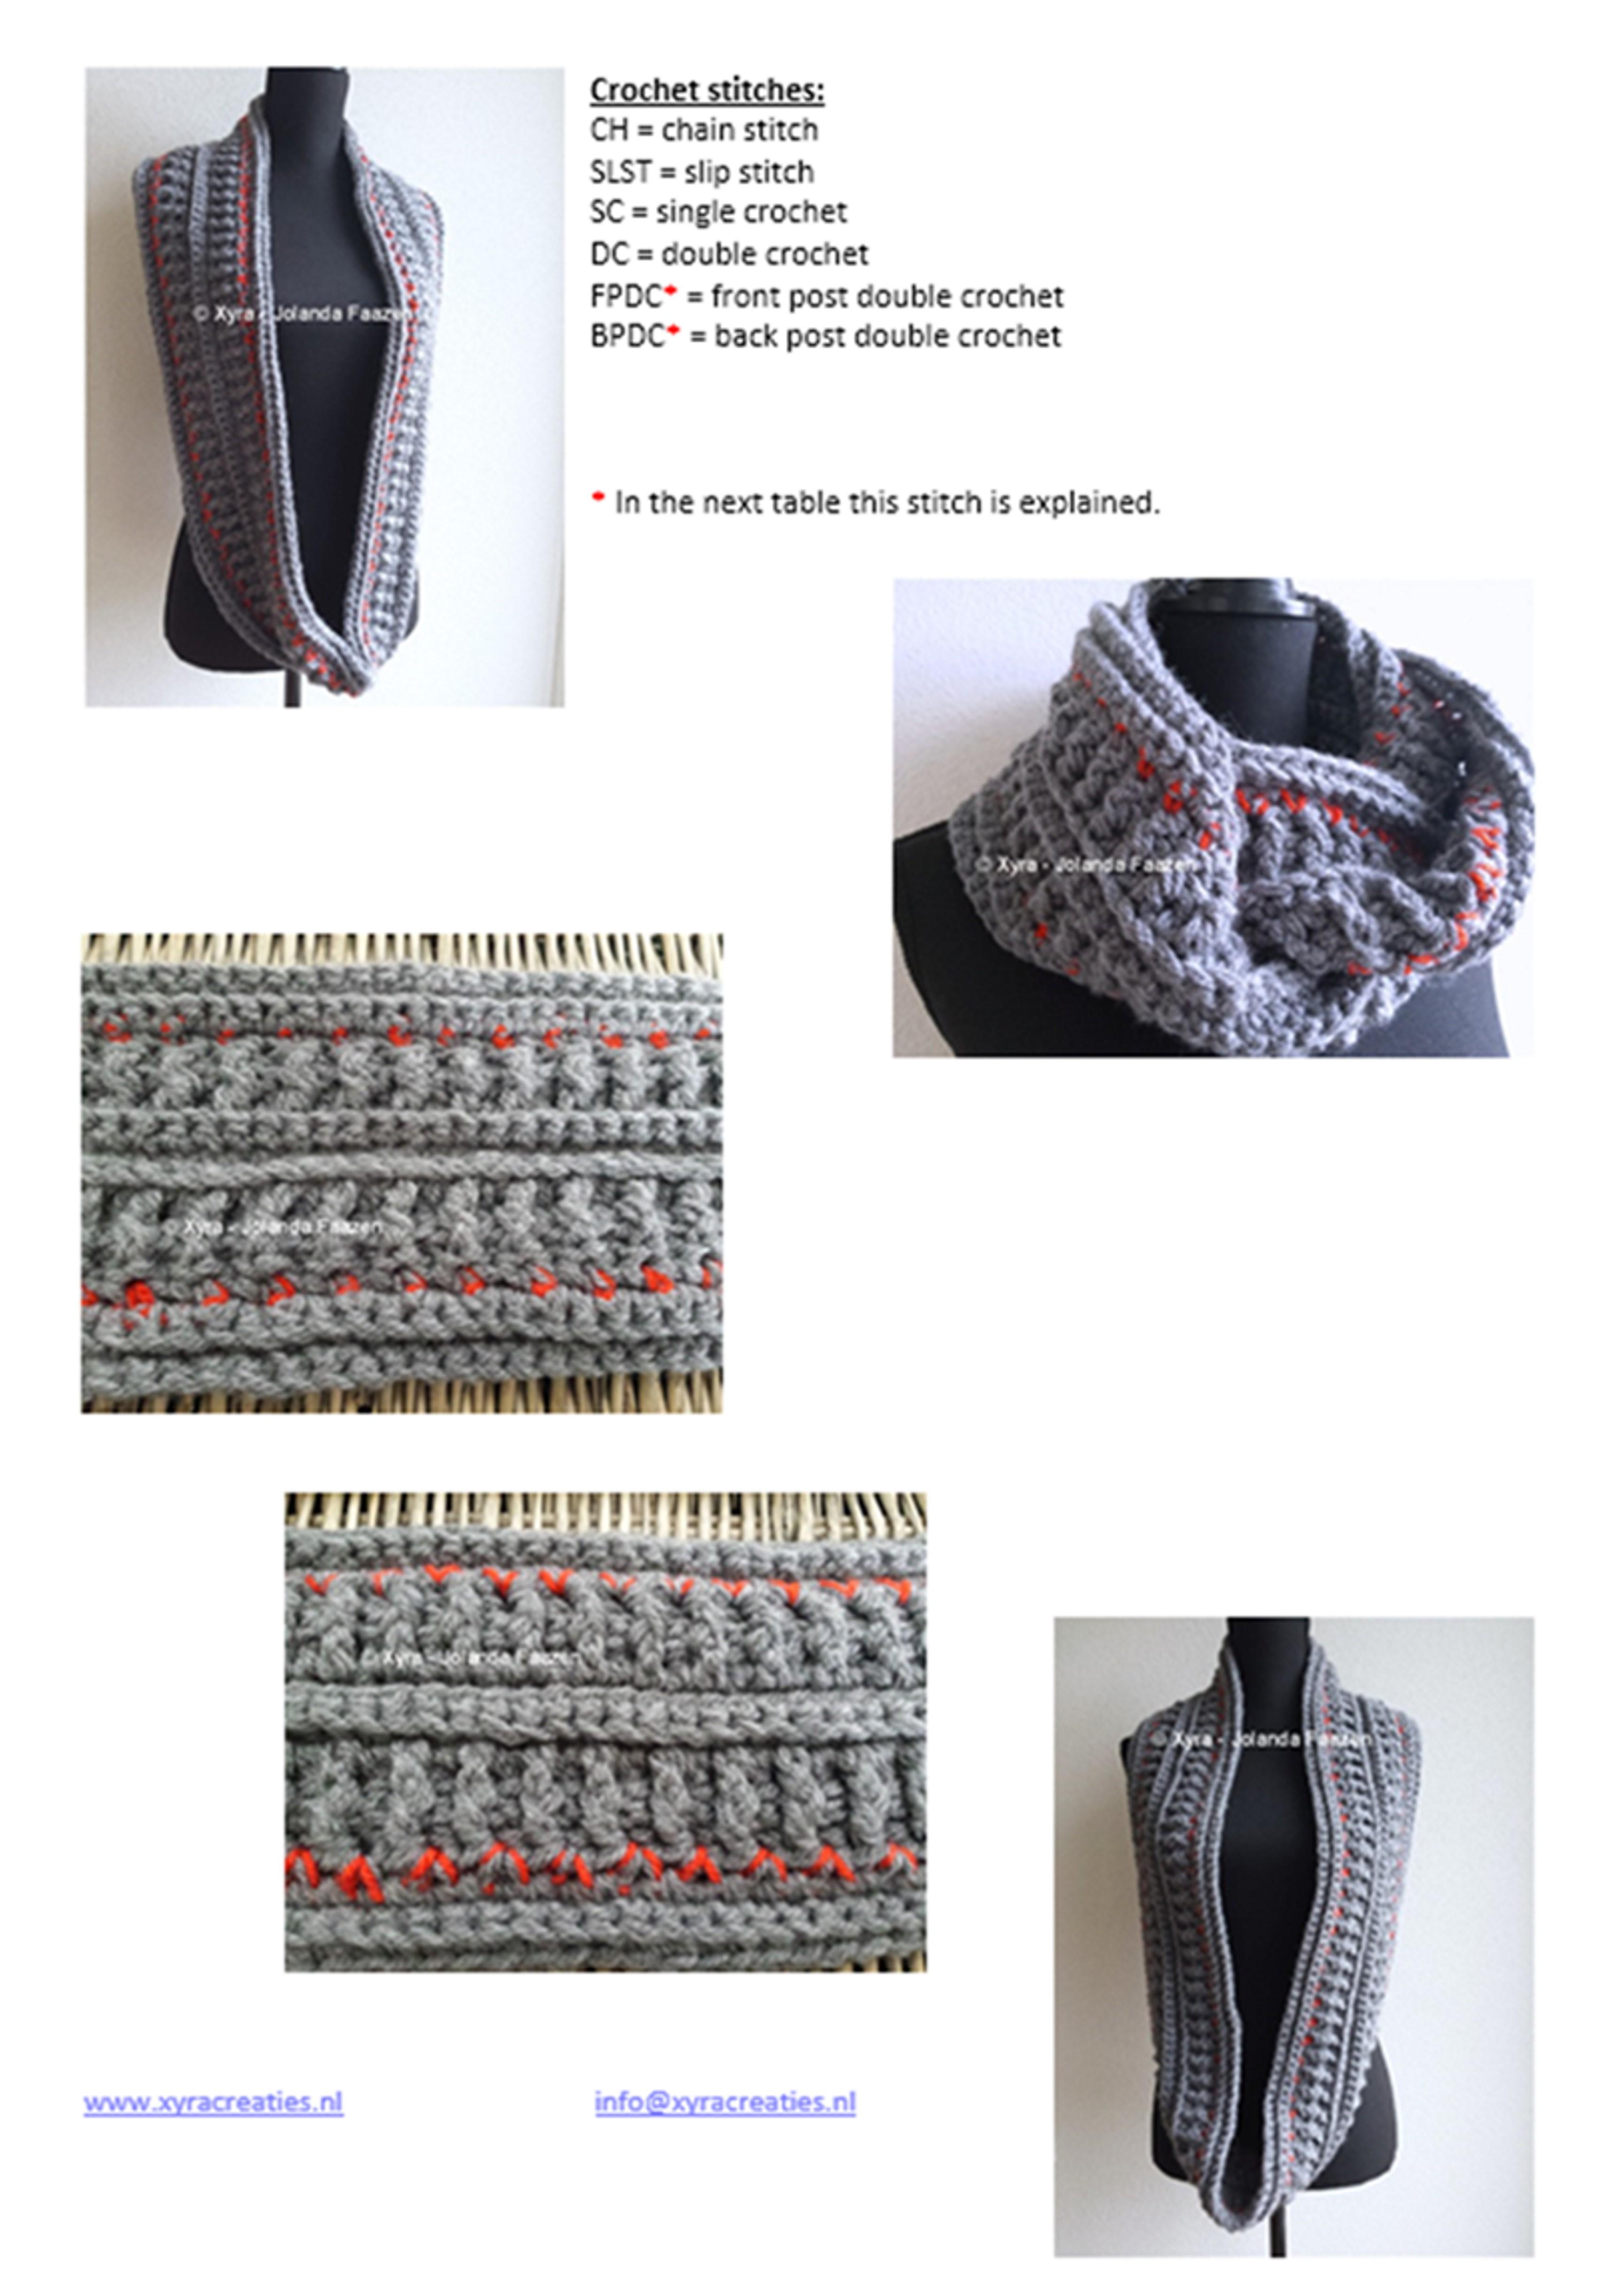 Xyra Creaties - clear crochet patterns